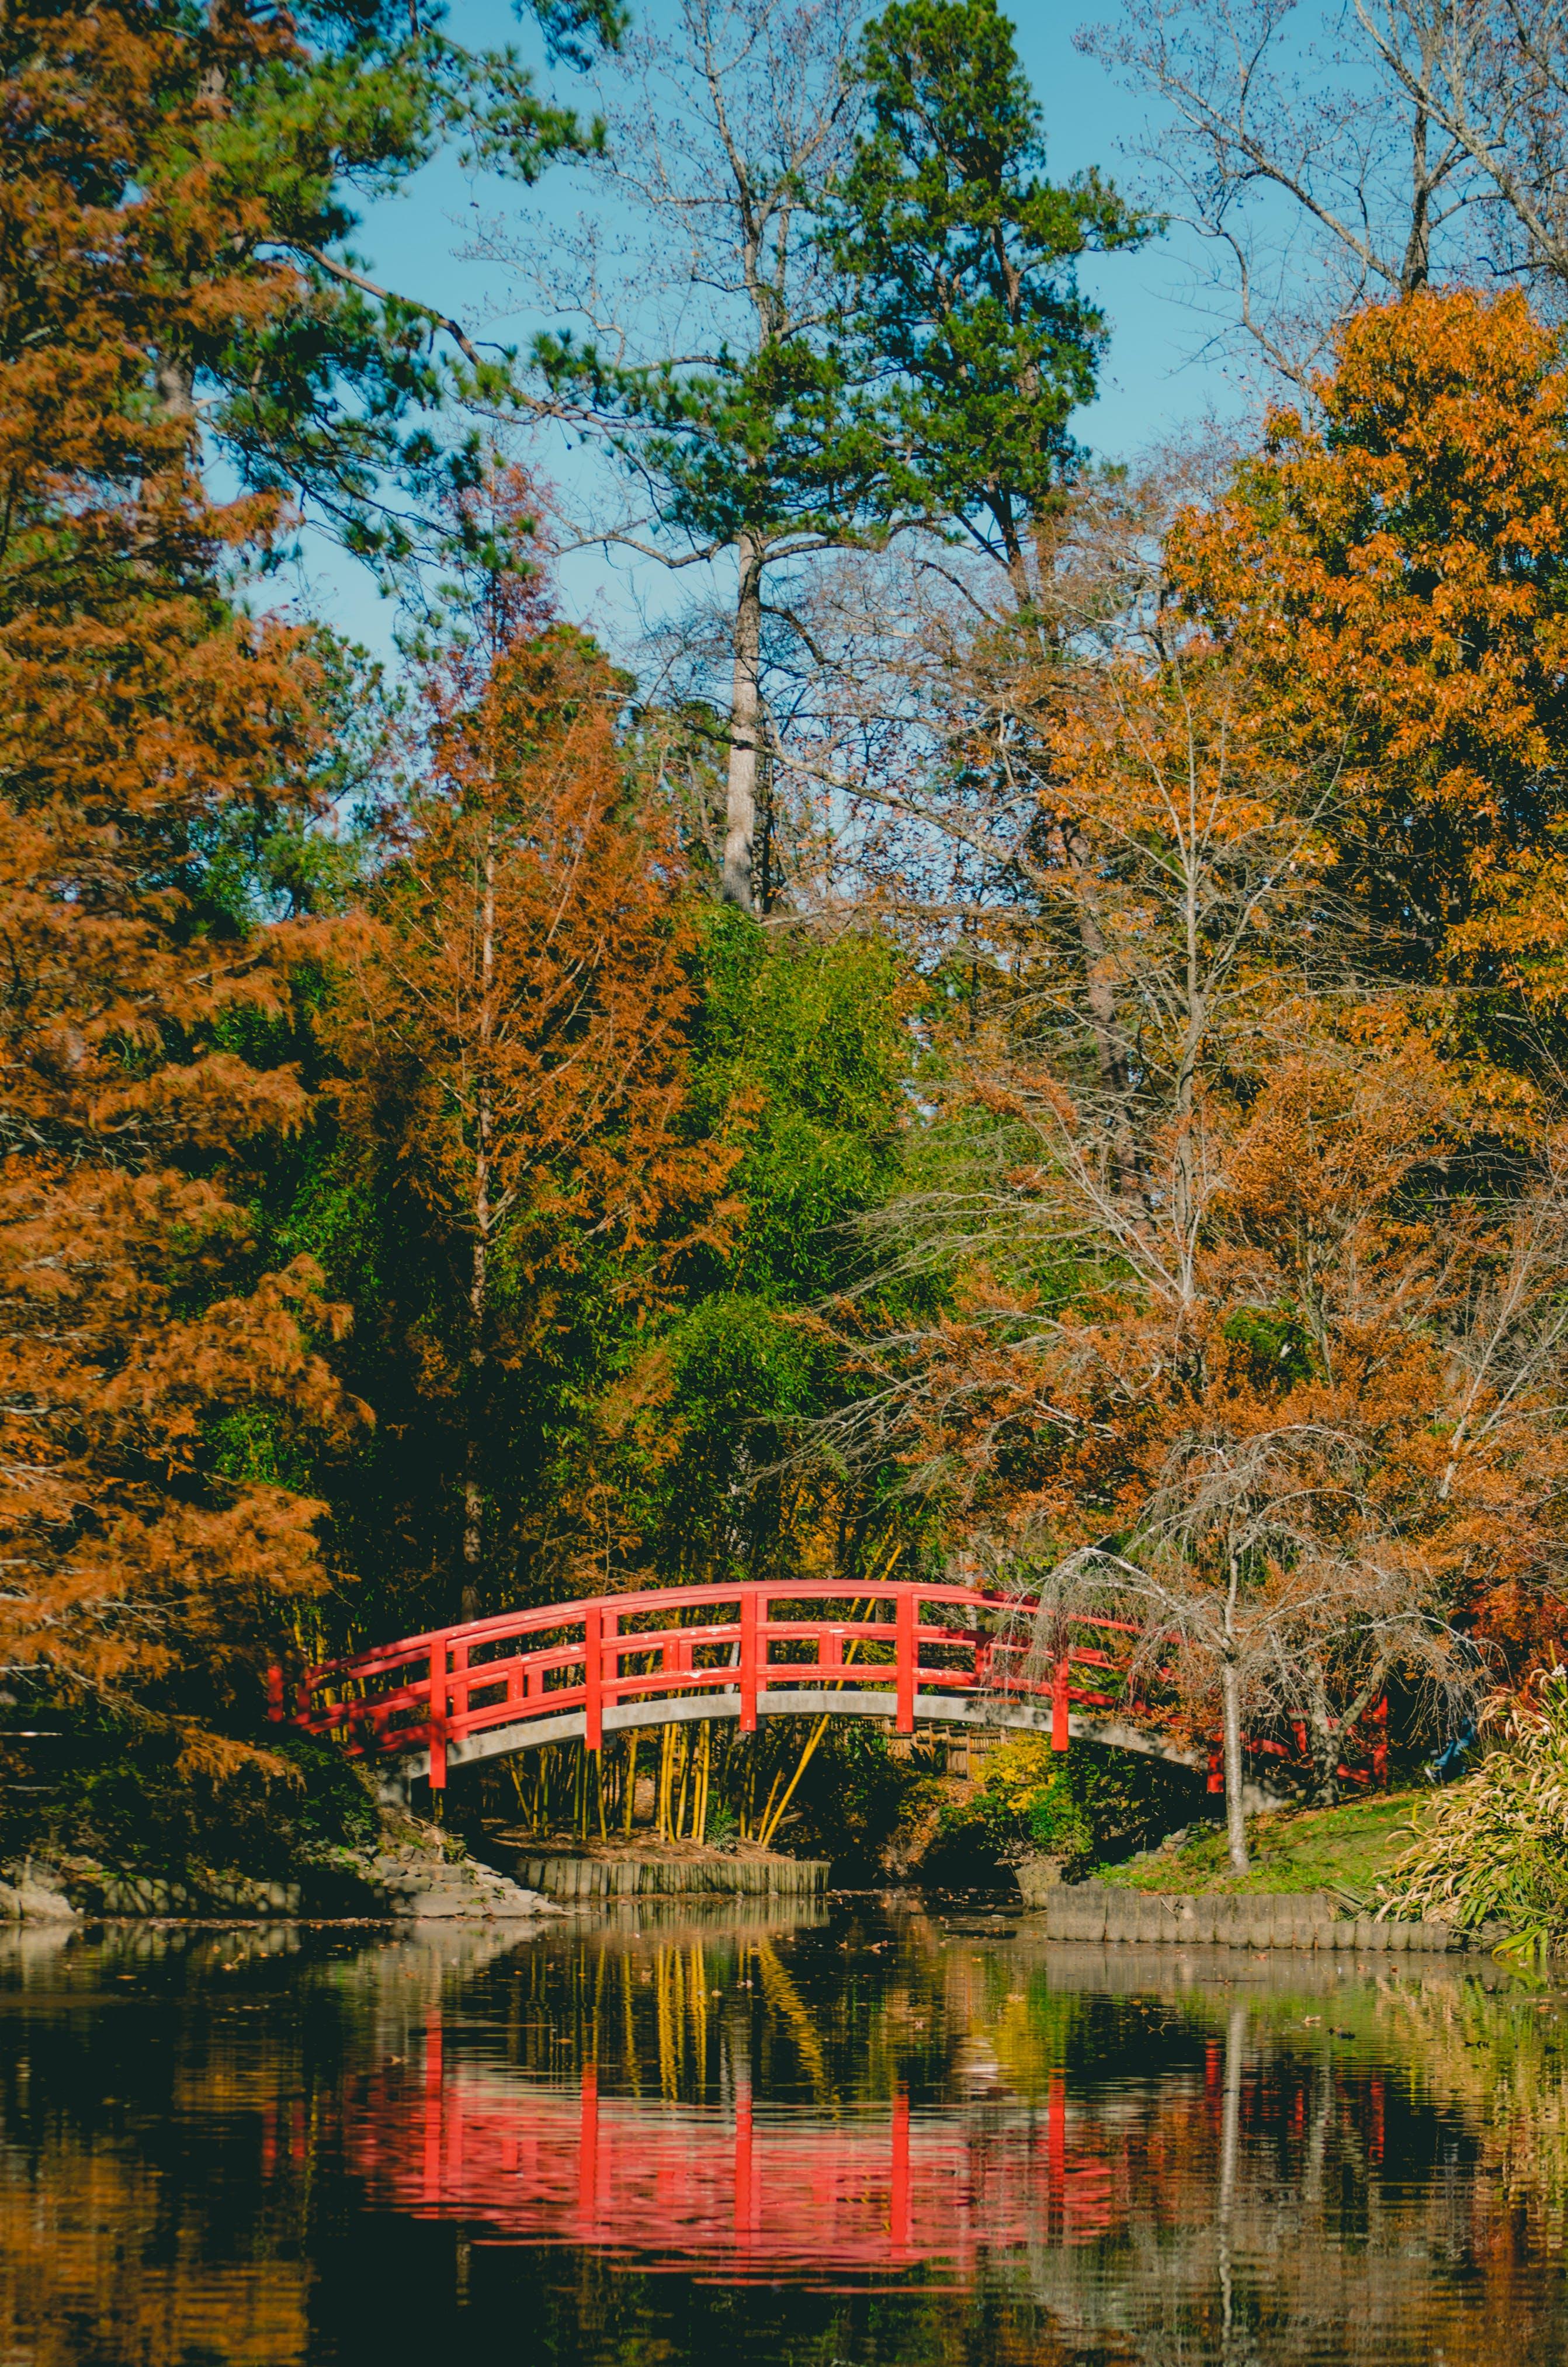 カラフル, パーク, ブリッジ, 庭園の無料の写真素材